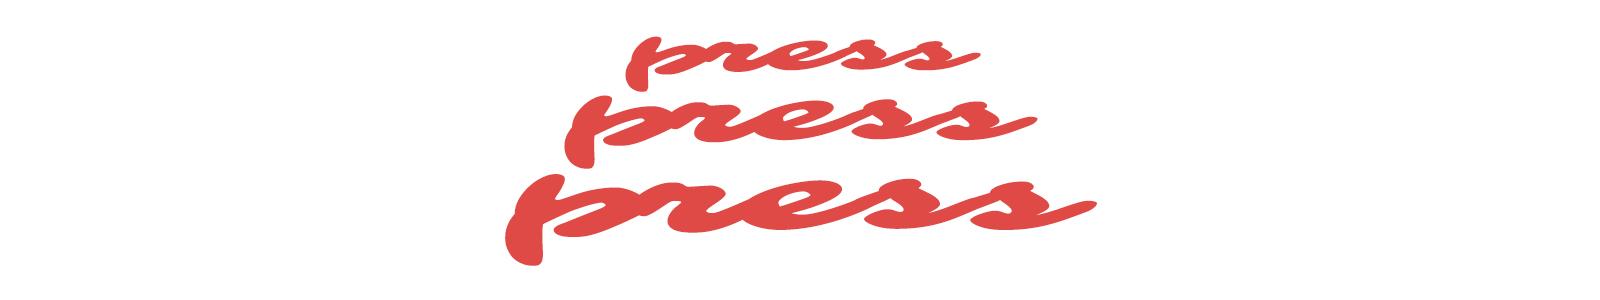 kalila_organics_press